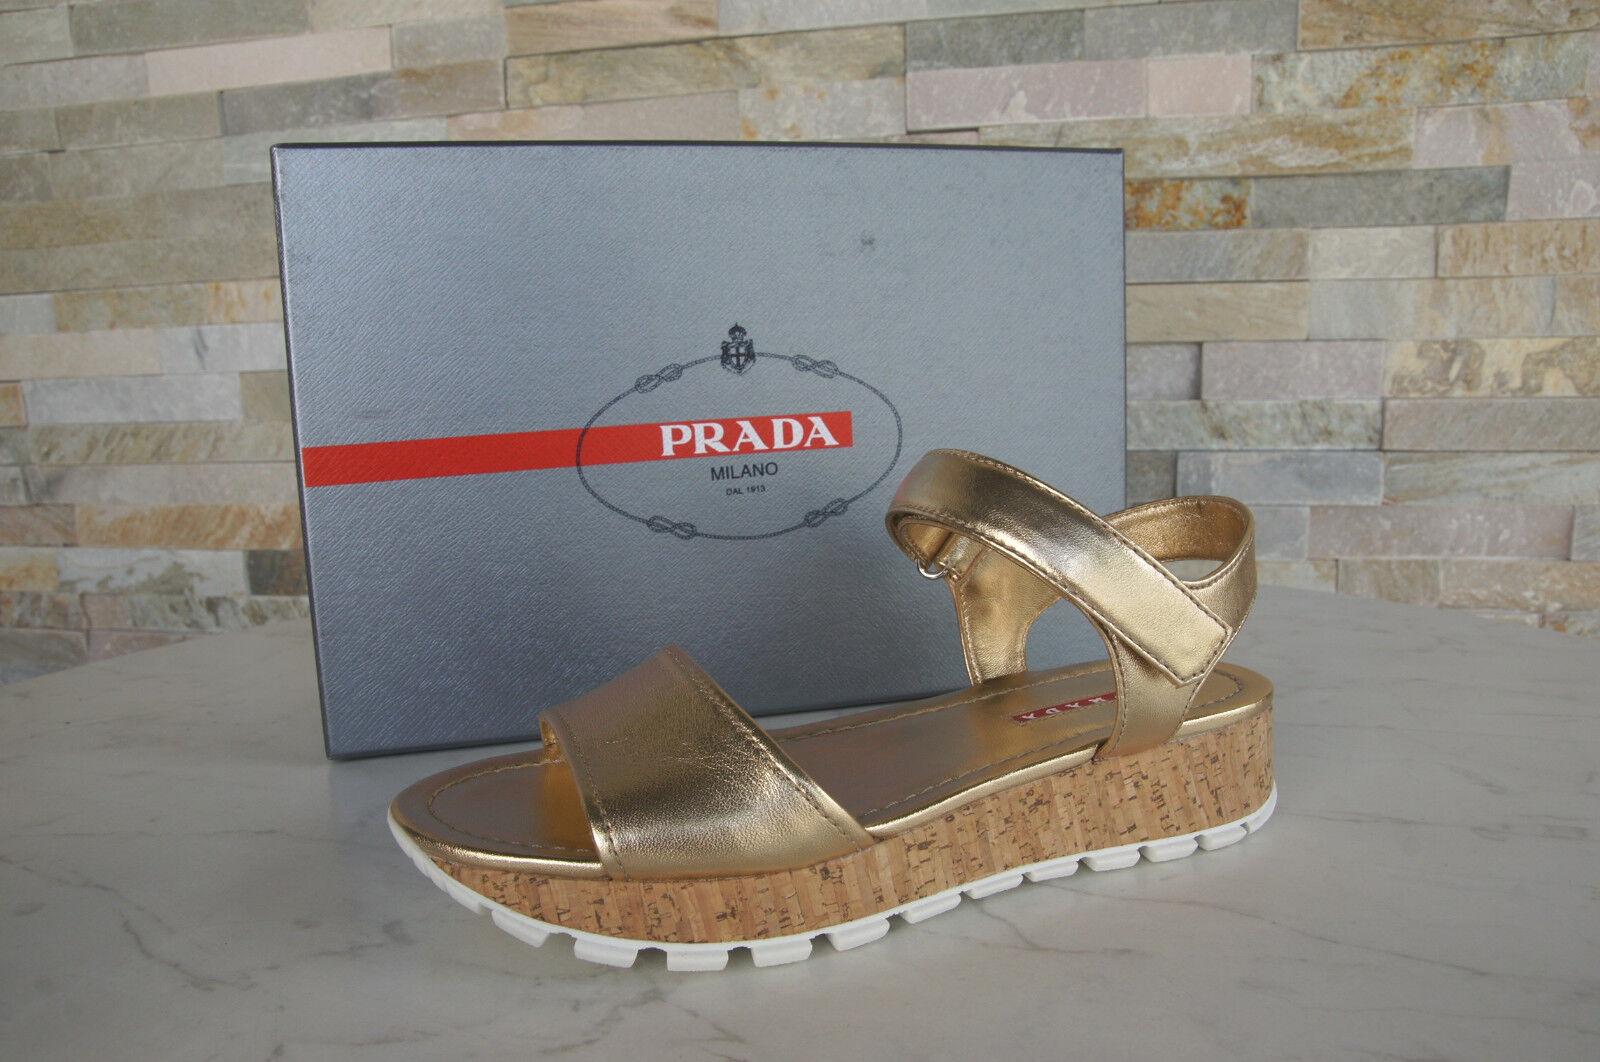 9f97ea3a04 miglior servizio,grande sconto-Sandali e scarpe da mare - www ...